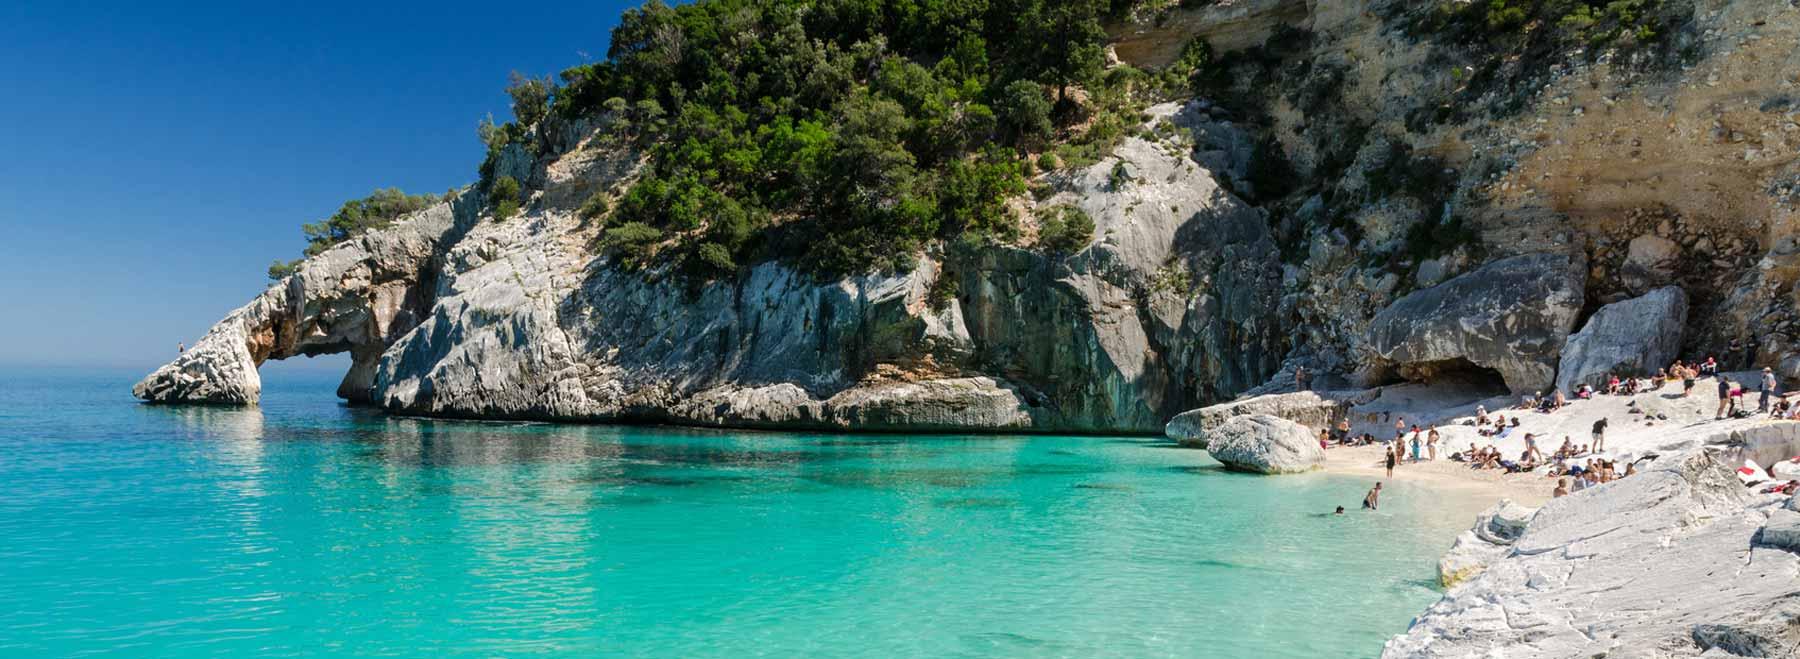 Cala Goloritze beach, Sardinia